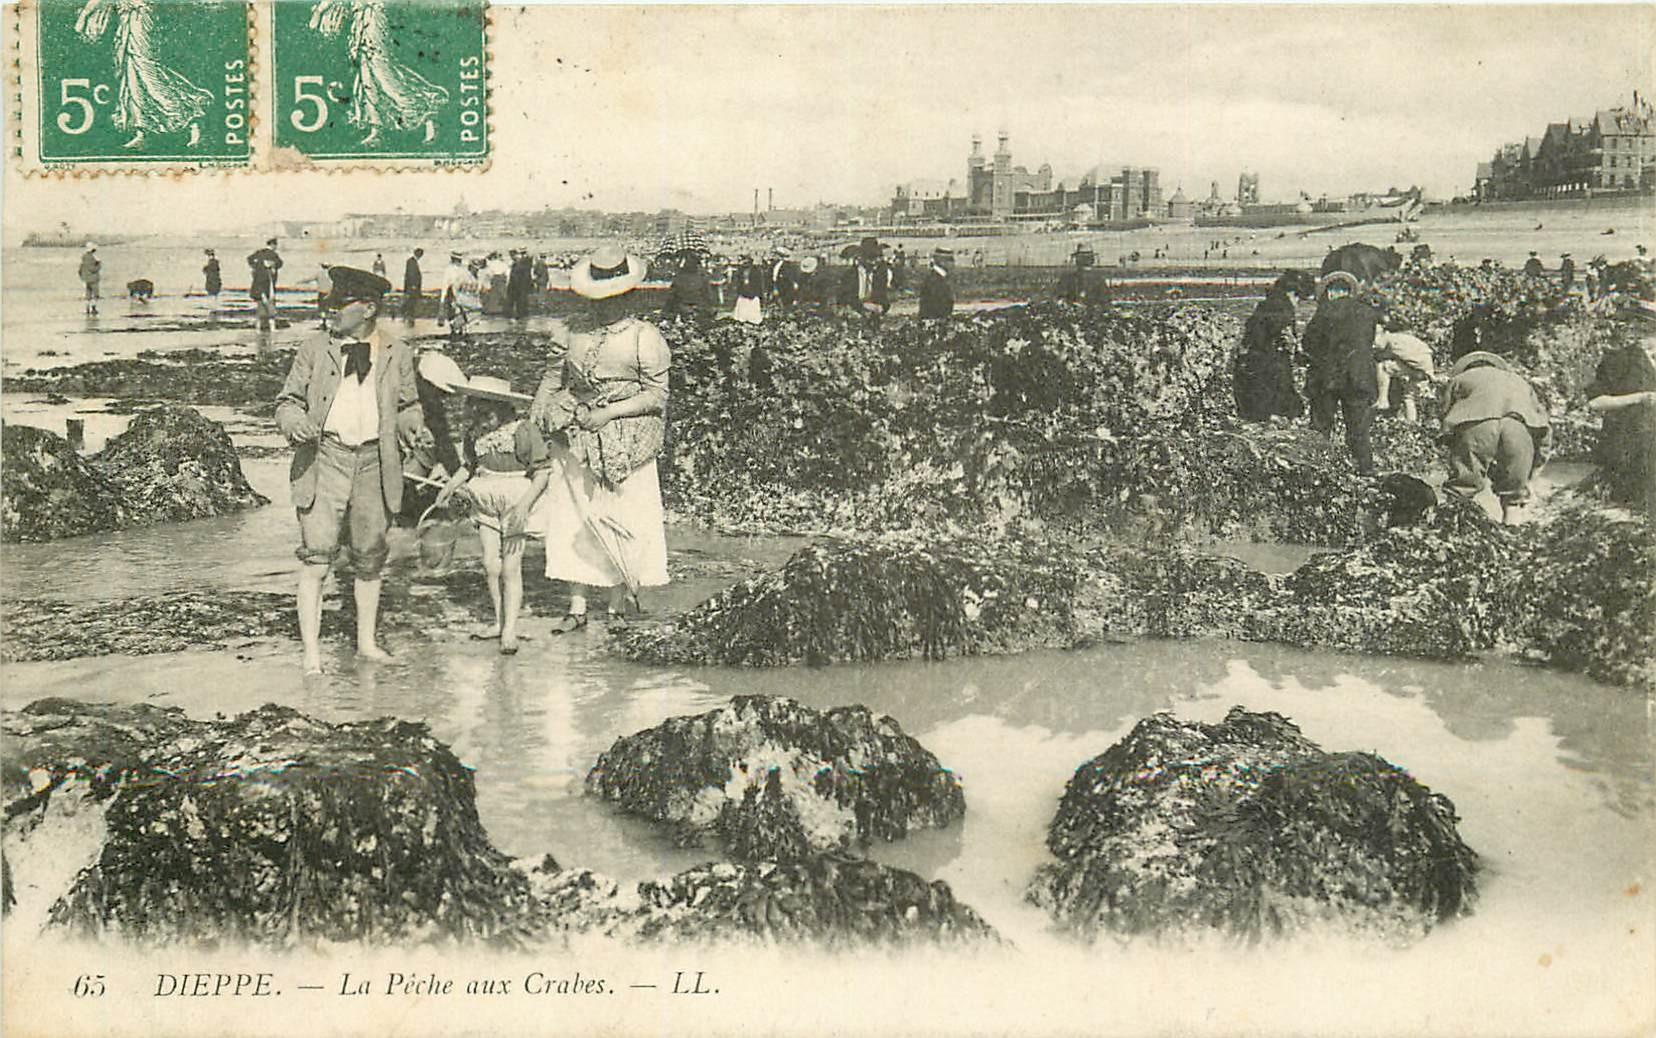 76 DIEPPE. La Pêche aux Crabes 1909